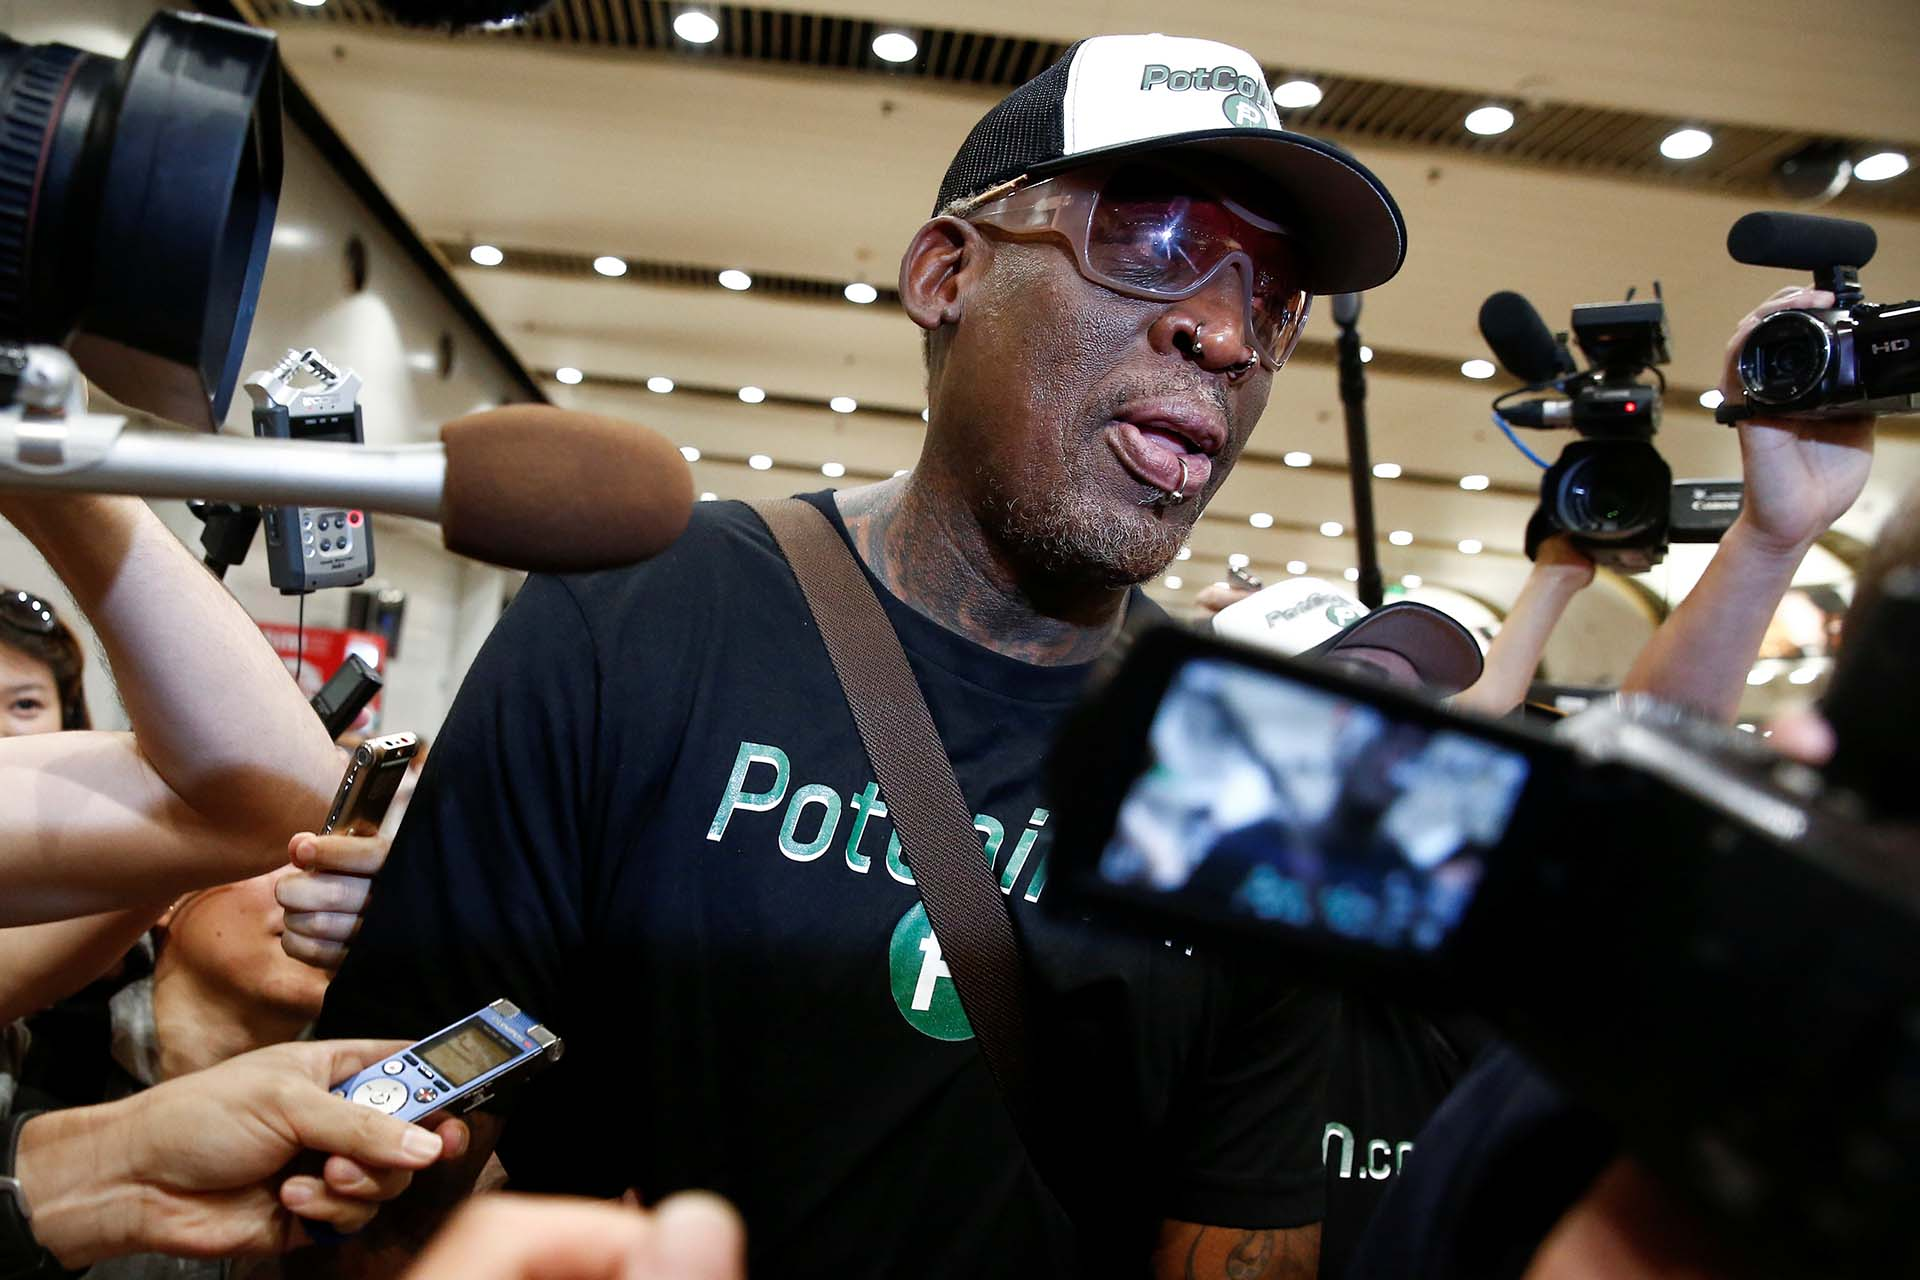 El ex NBA Dennis Rodman es rodeado por la prensa en el aeropuerto de Pekín, China, tras su visita a Corea del Norte